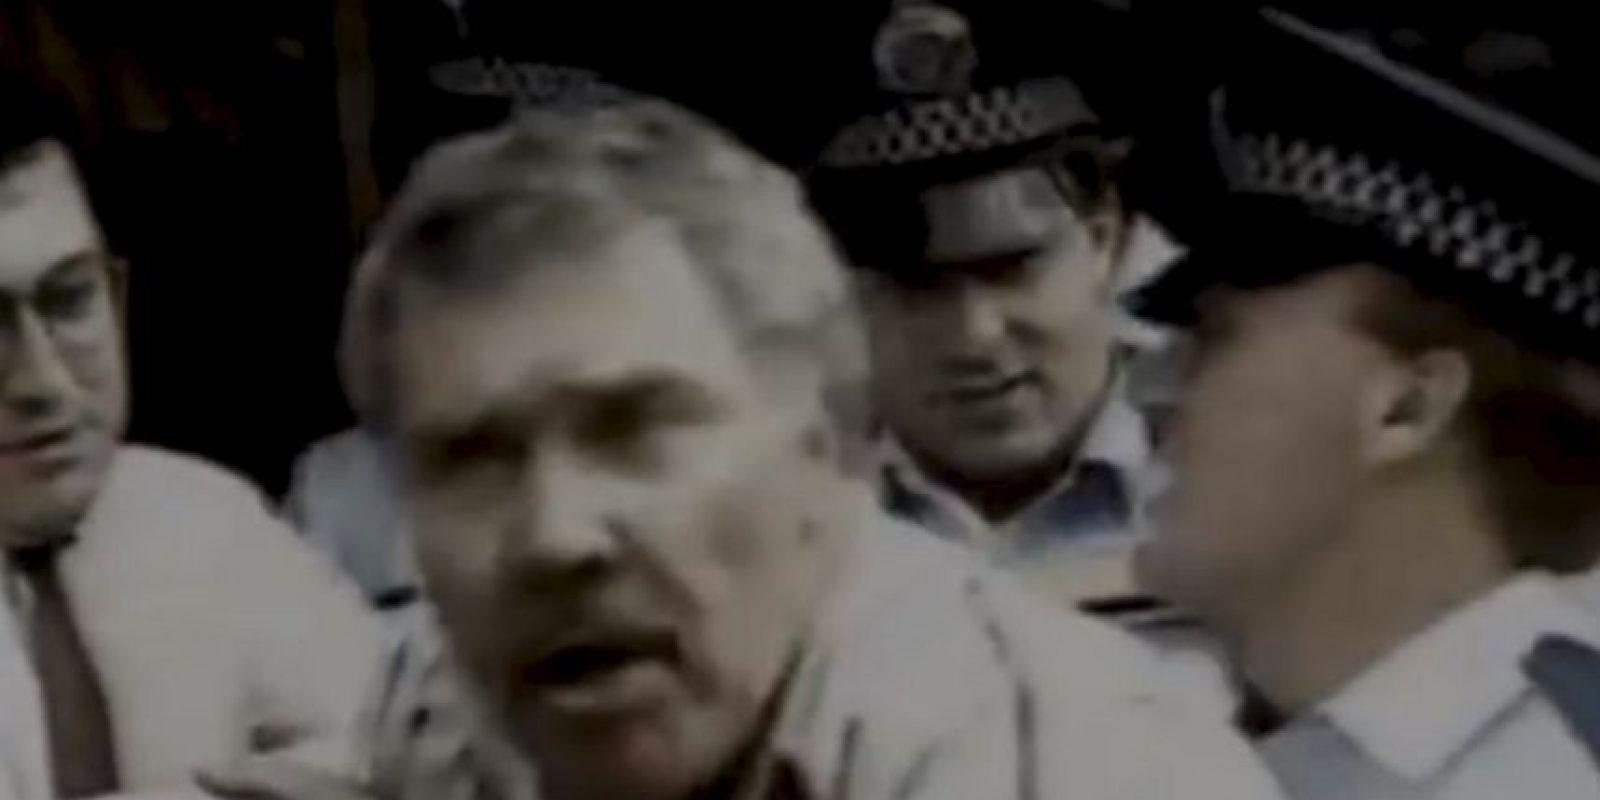 Este hombre acusó a los policías de tocar su pene durante el arresto. Foto:Imgur